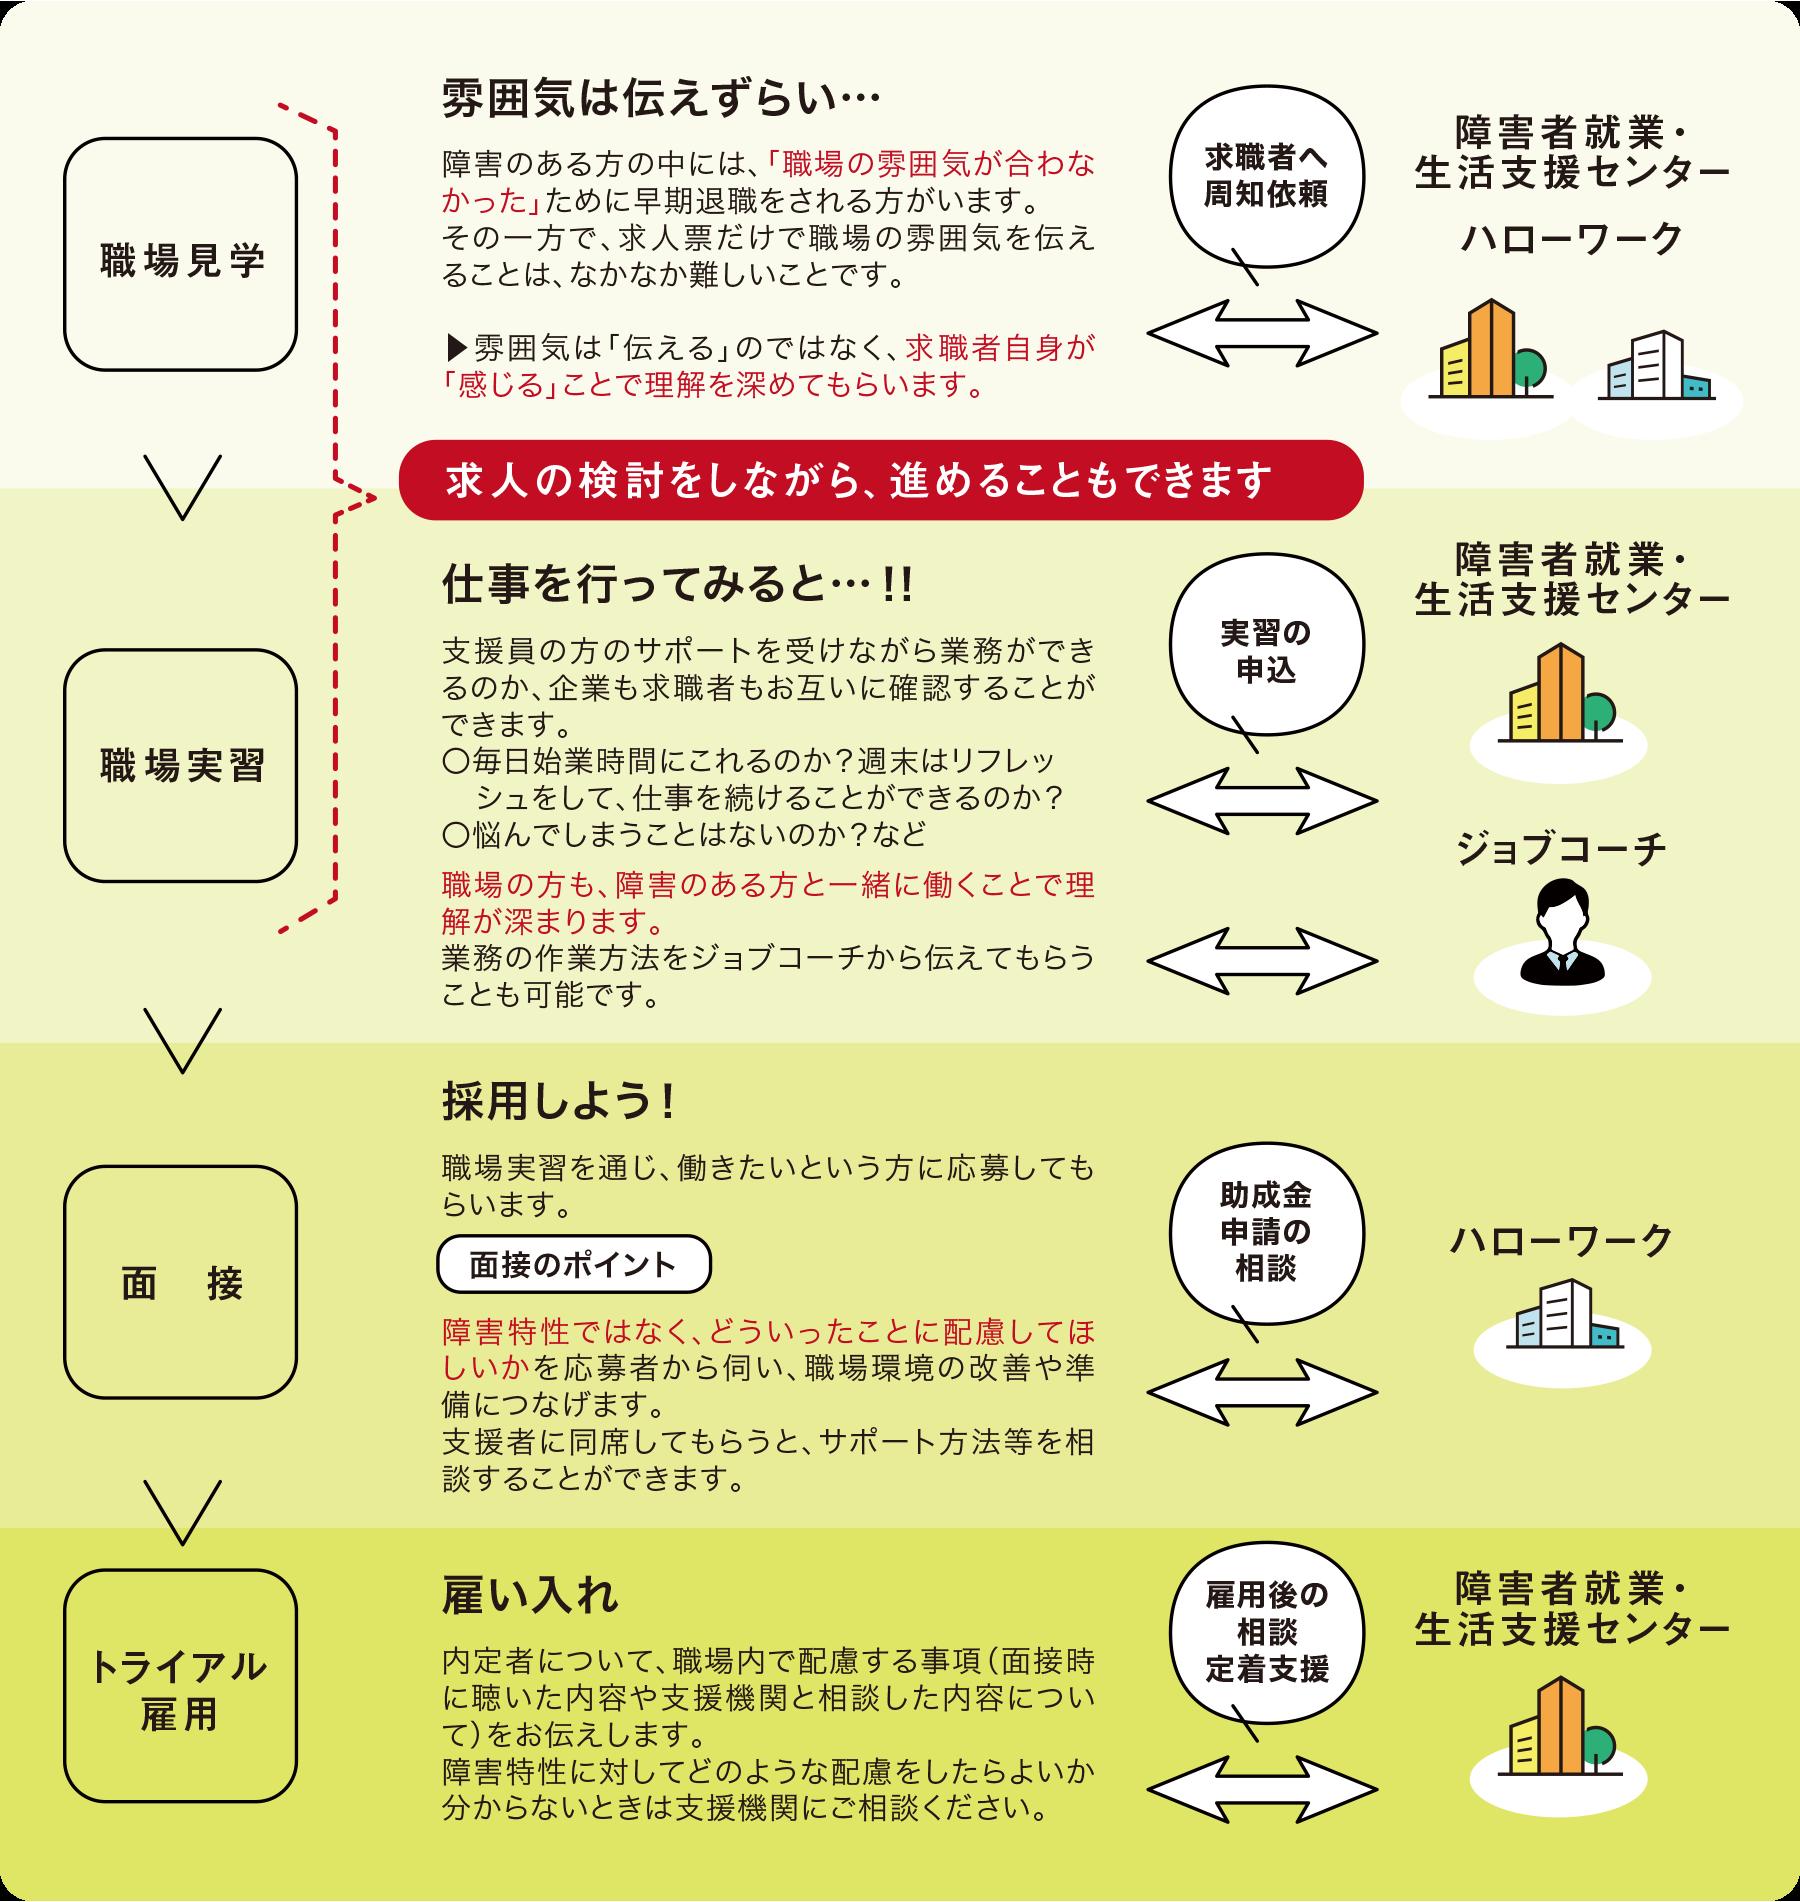 障害者雇用の採用ステップ(例)